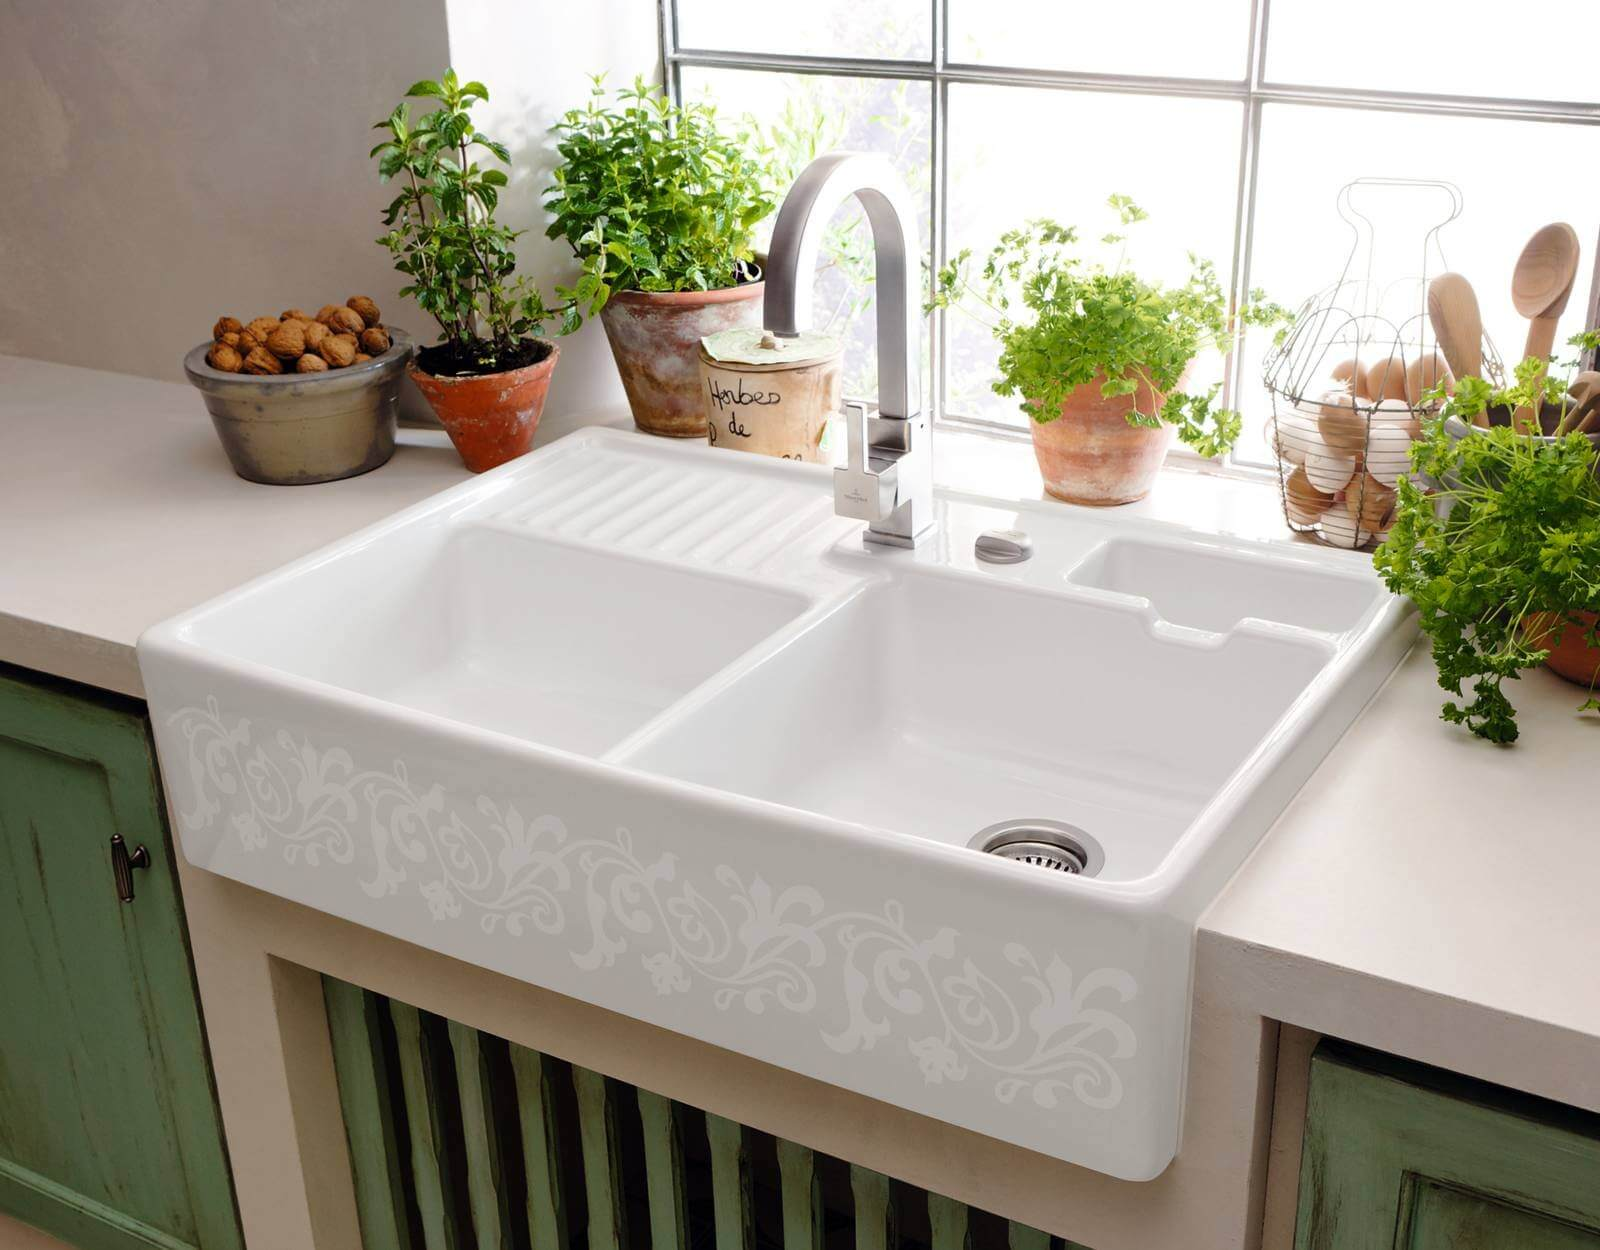 Come pulire il lavandino del bagno in ceramica? Lavandino Bagno Ingiallito